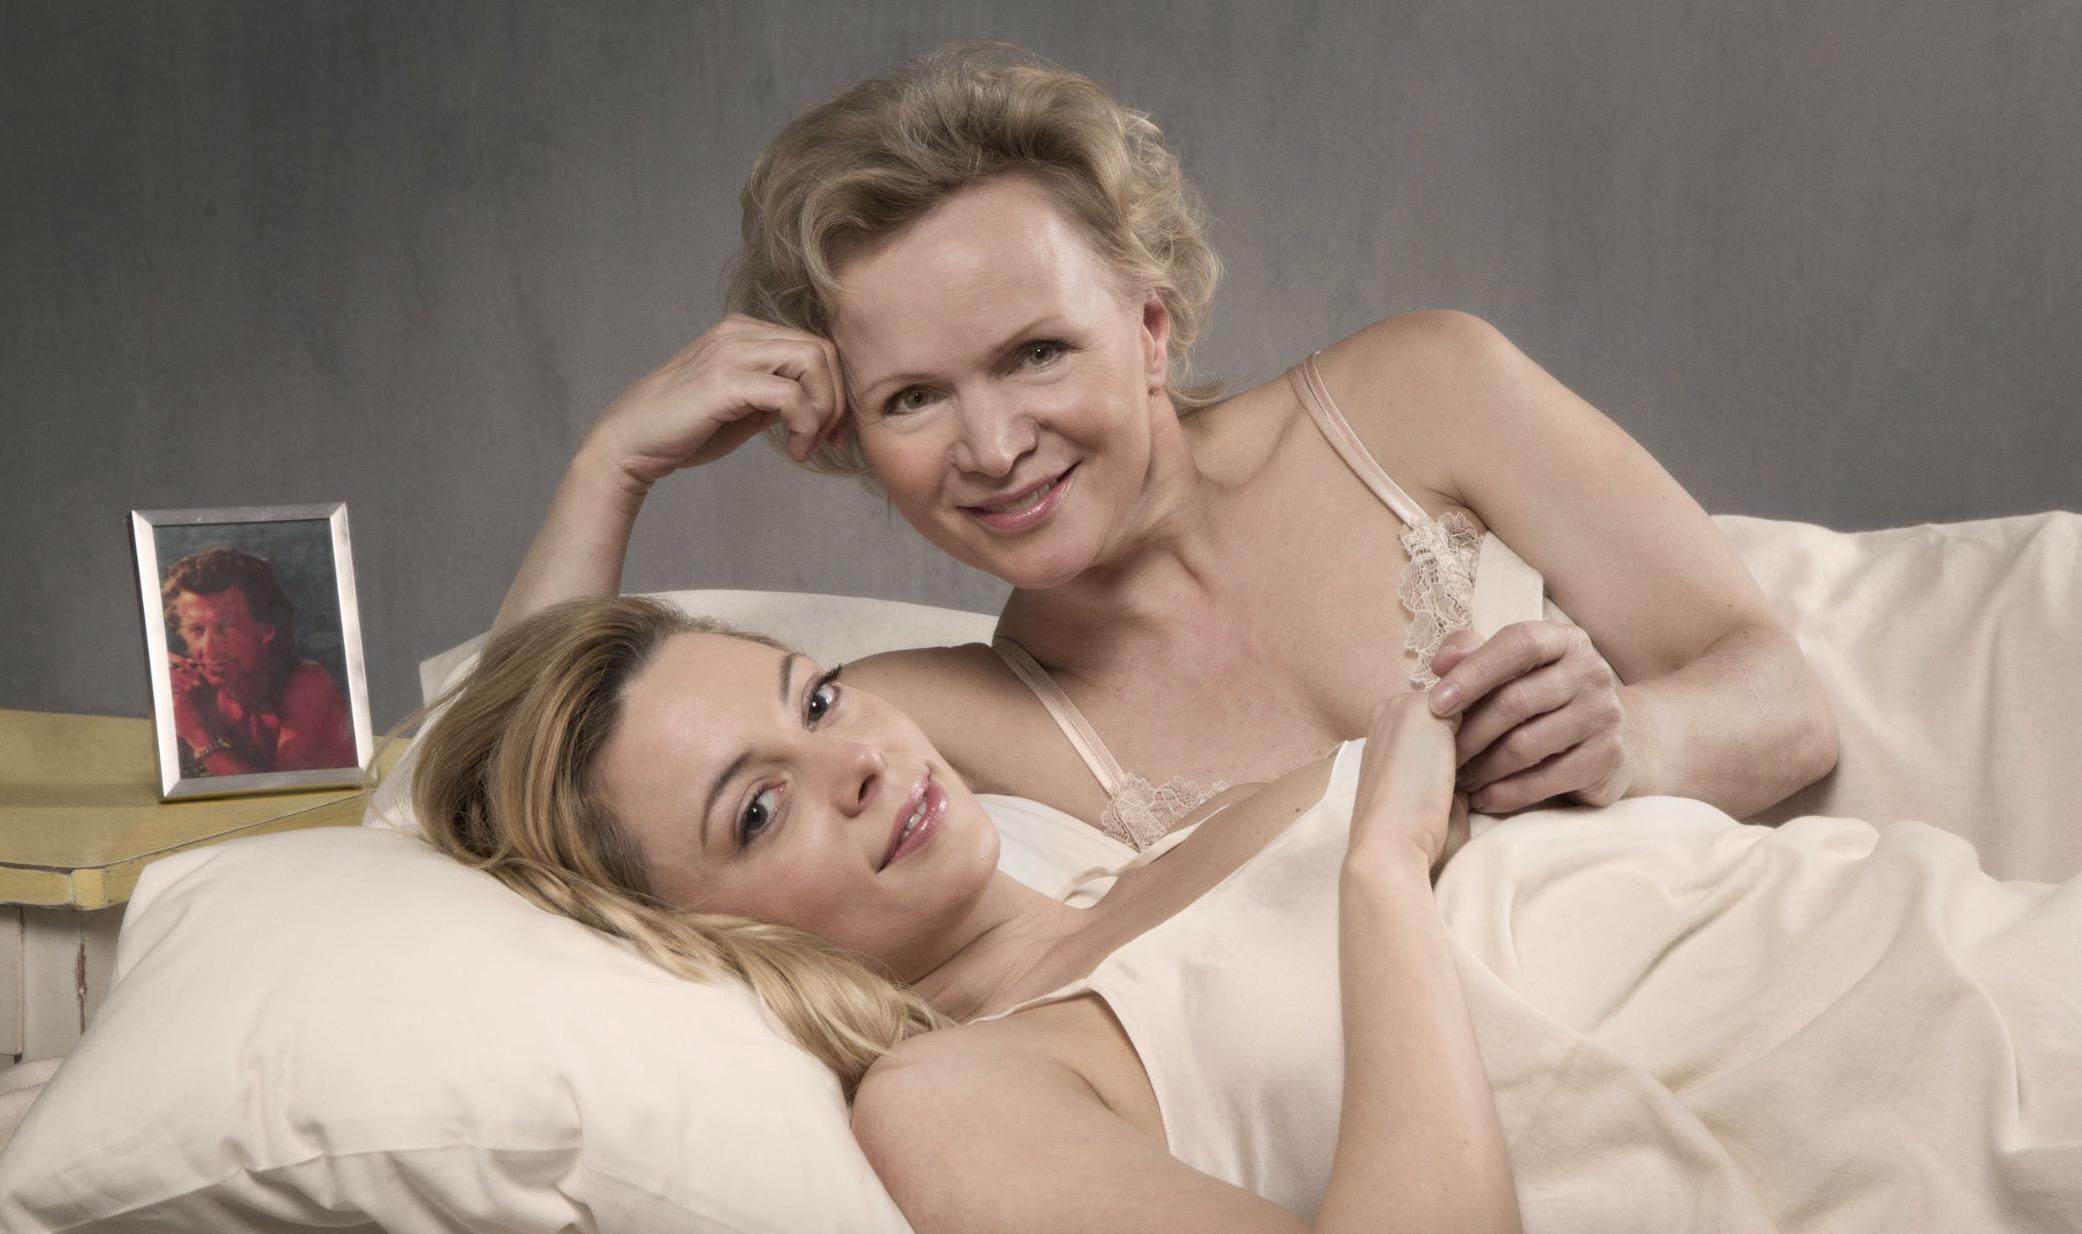 Twee Vrouwen: Lesbische relatie in het theater Harry Mulisch Renee Soutendijk chris tates